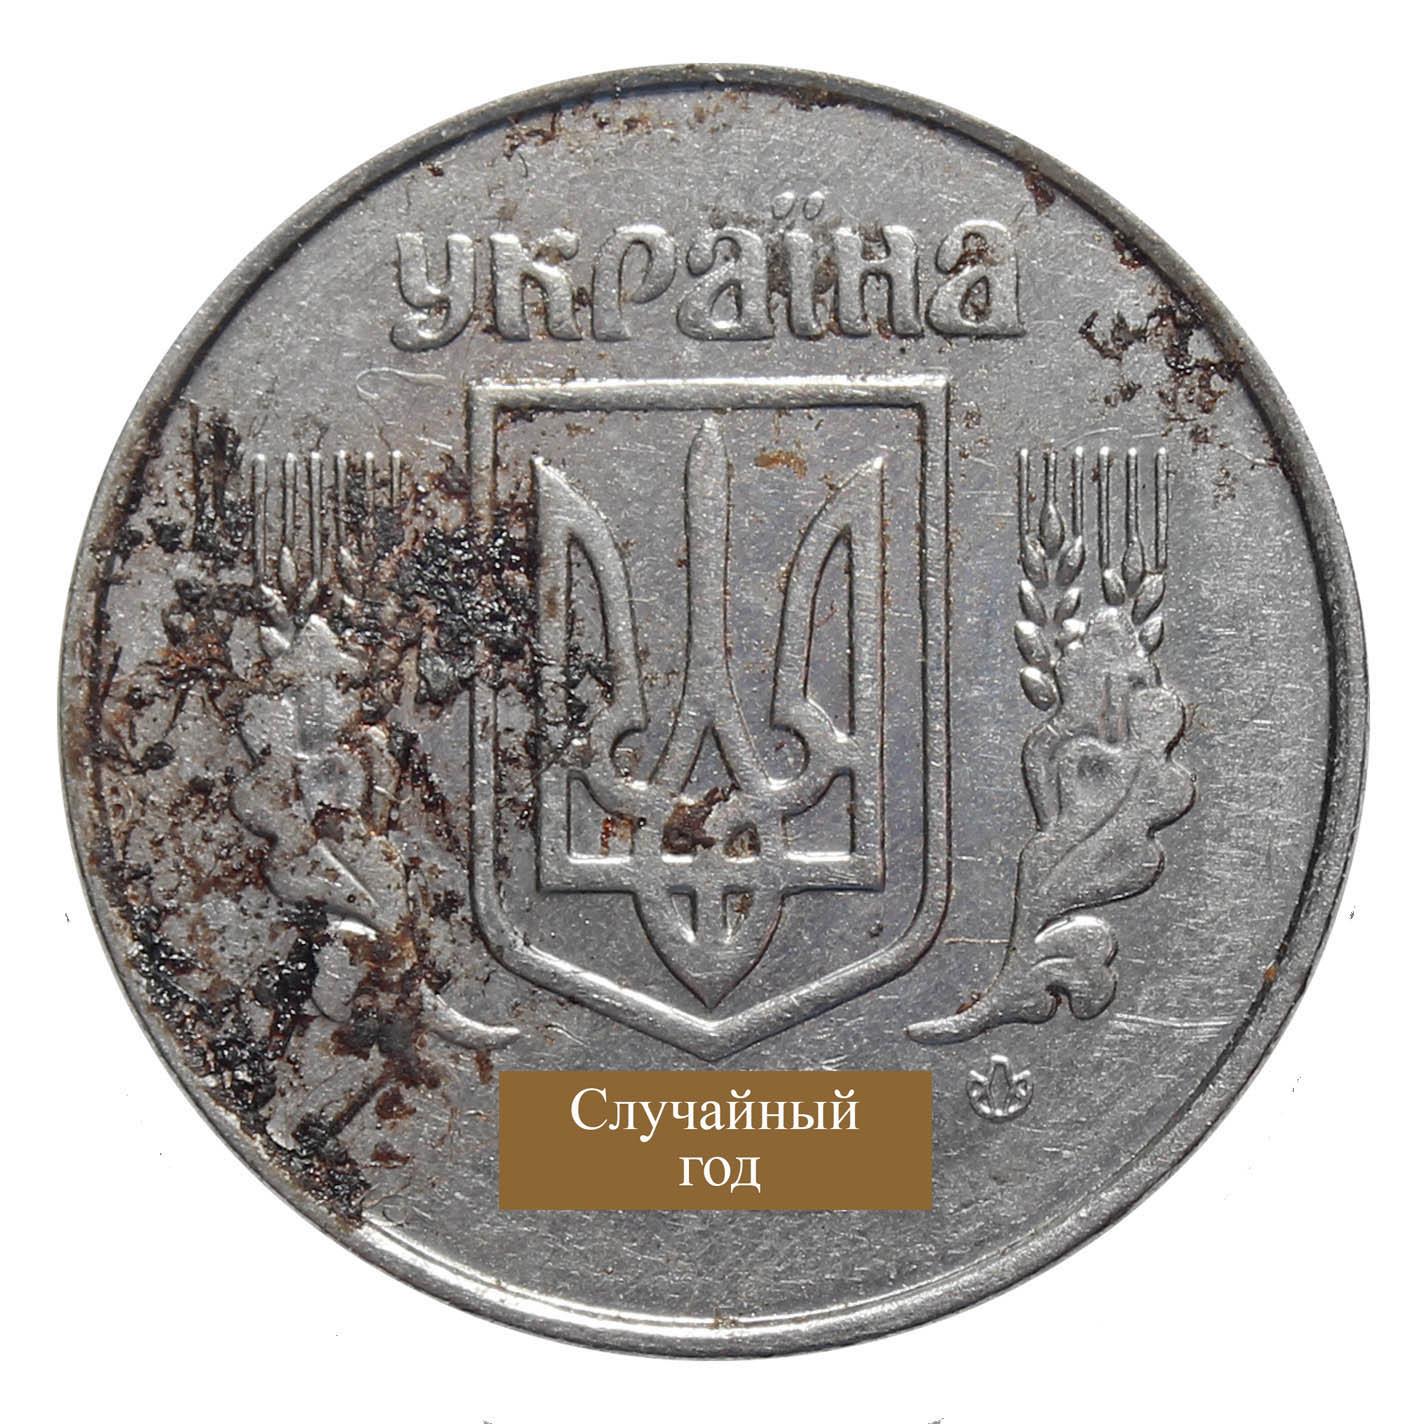 1 копейка. Украина. 1992-2012 гг. (случайный год). Уценка №2 F